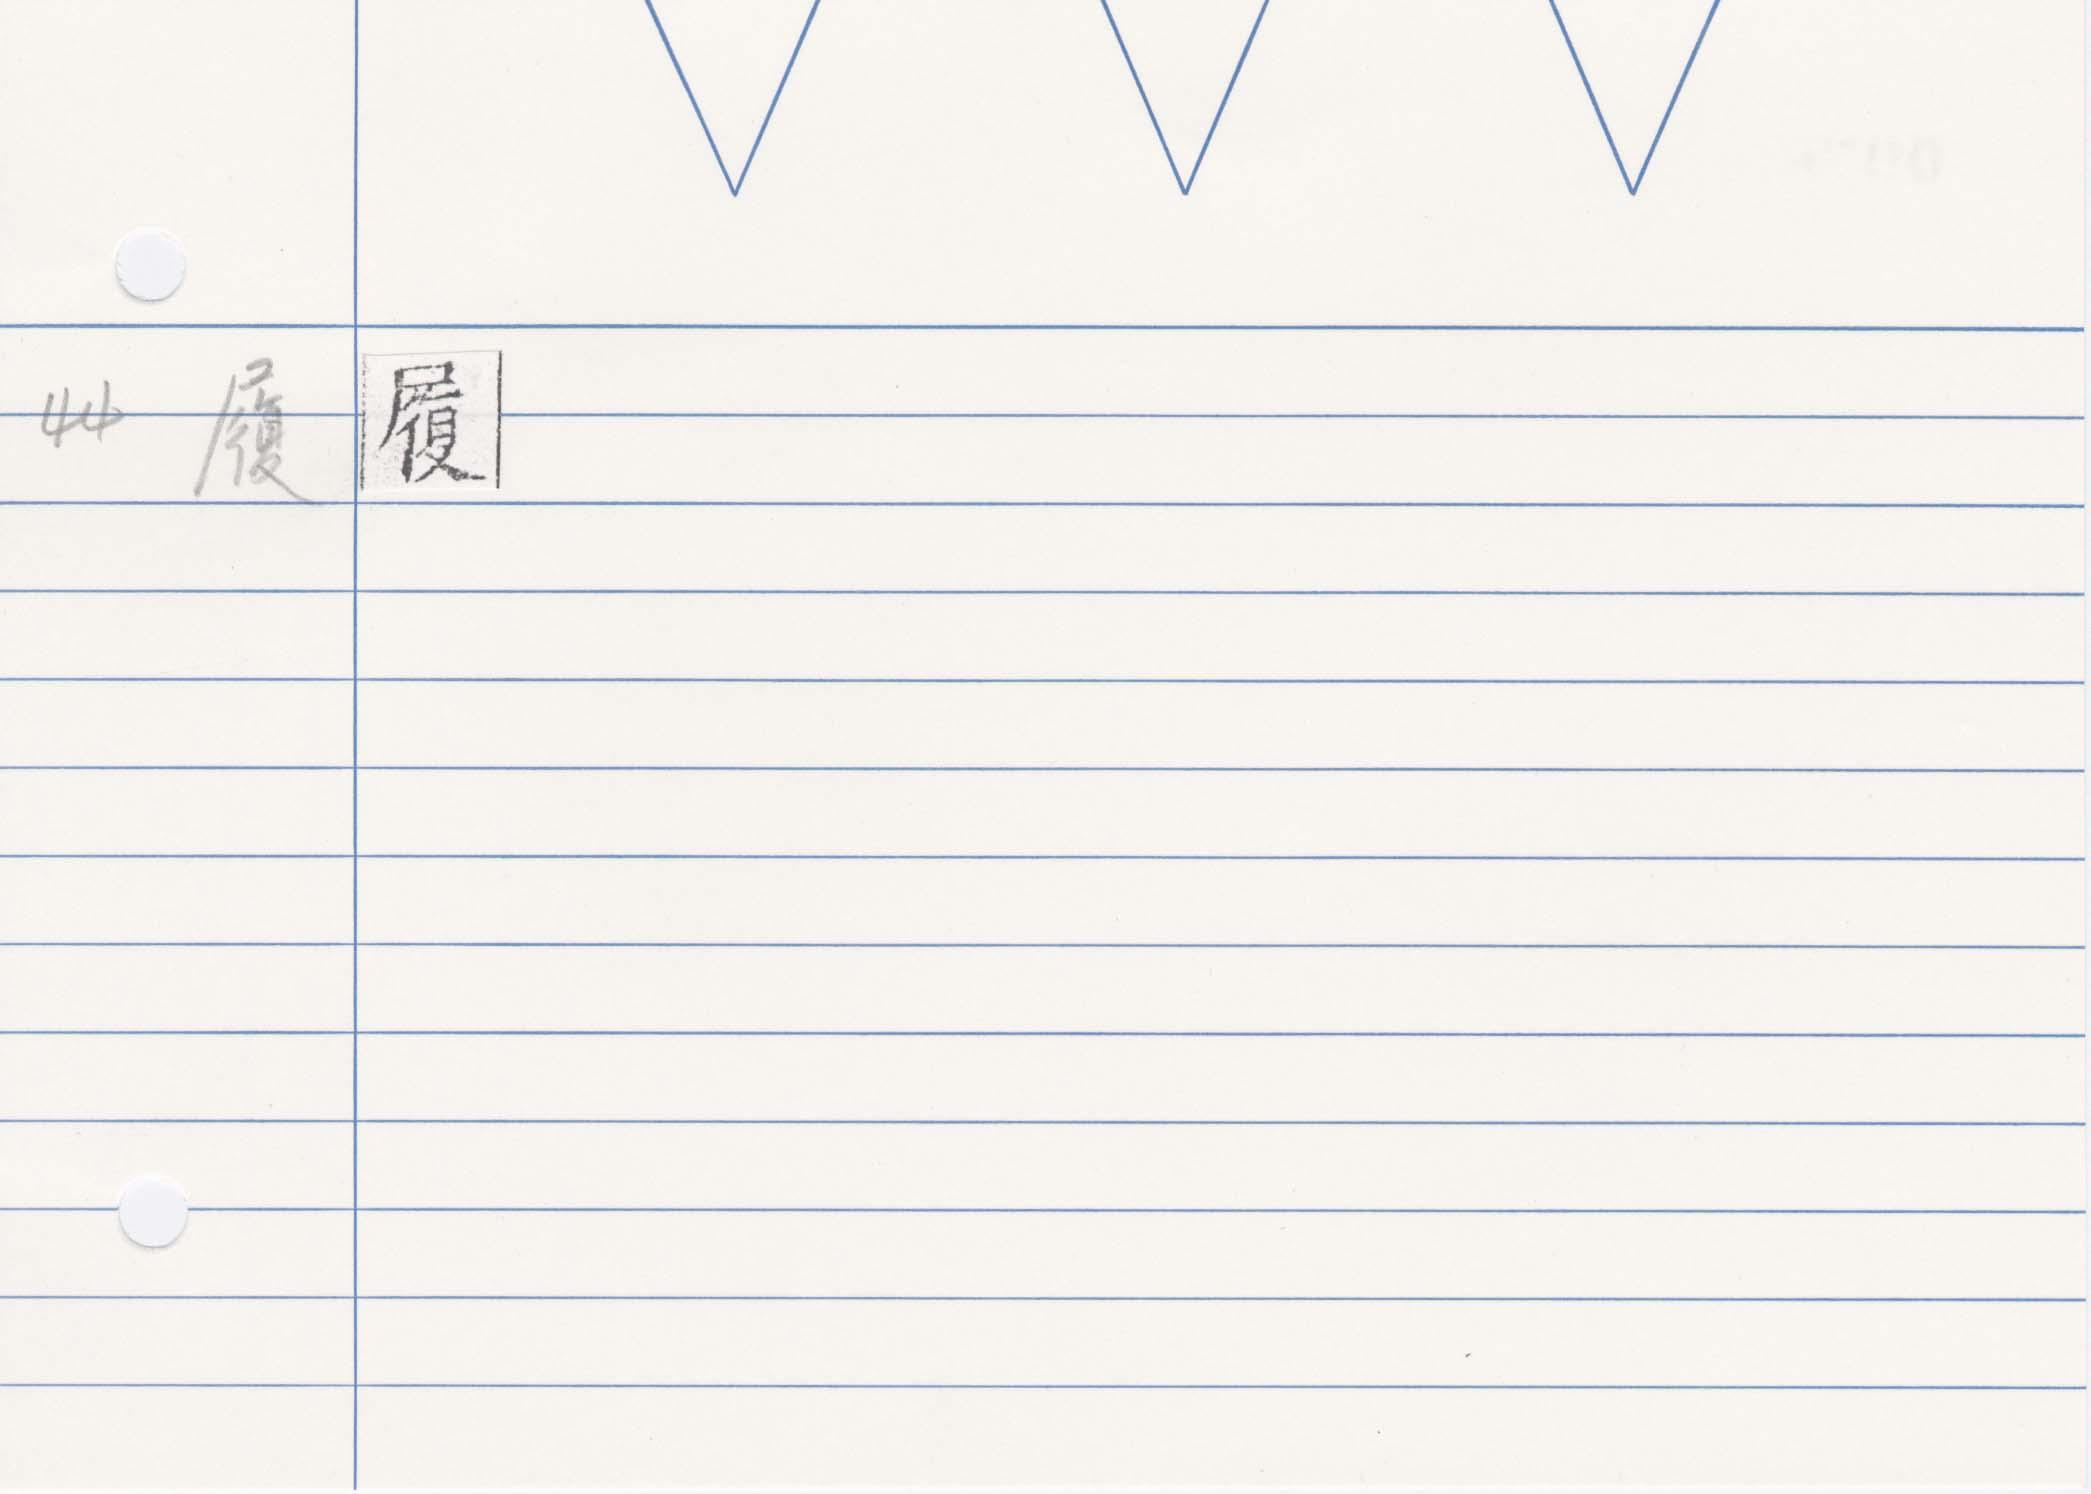 26_齊民要術卷五(高山寺本)/cards/0076.jpg